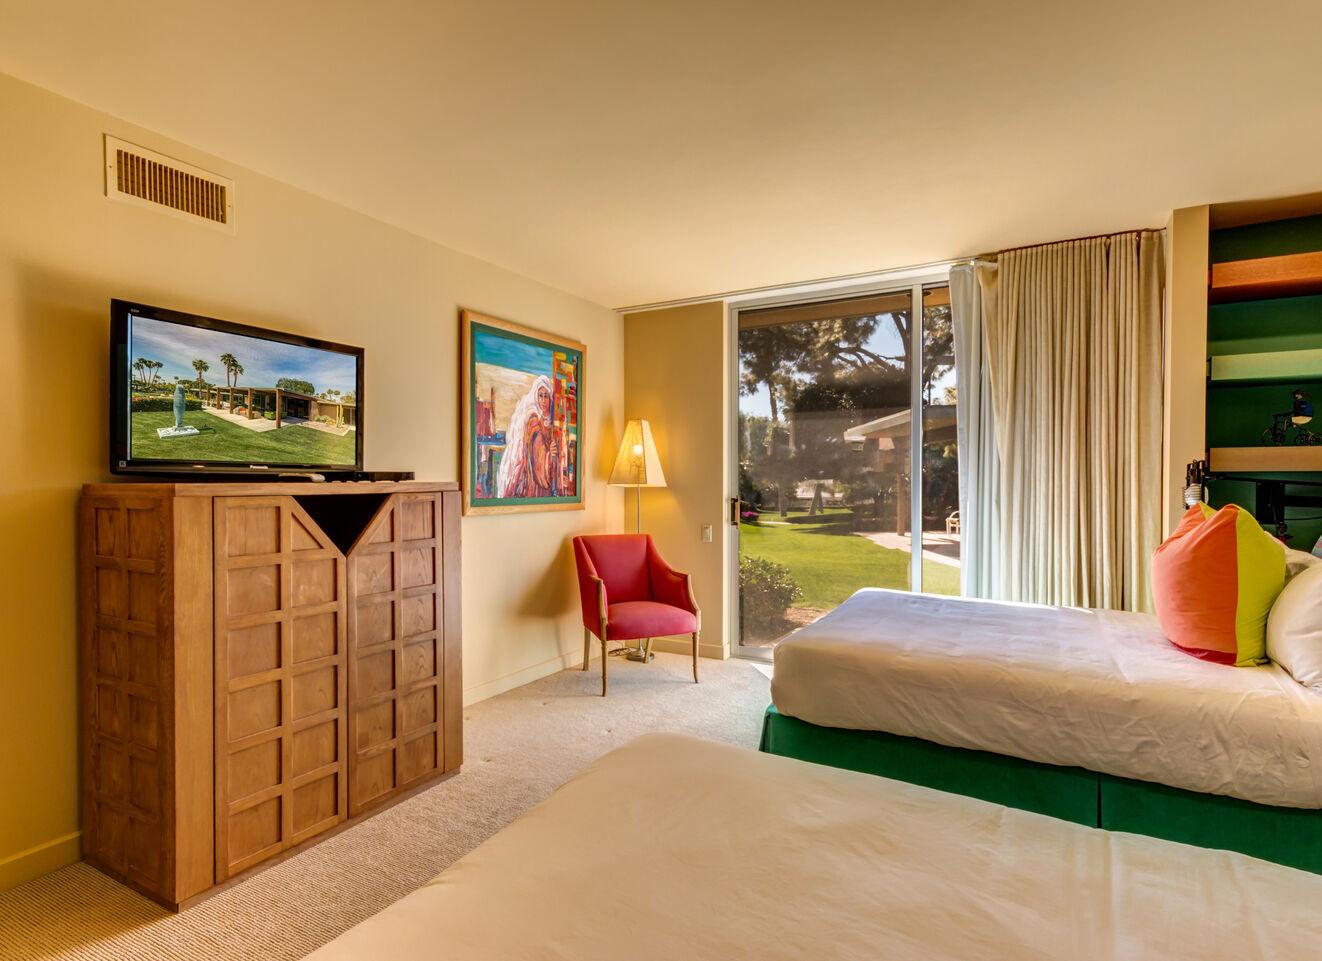 Guest Suite 7 - Attached Casita